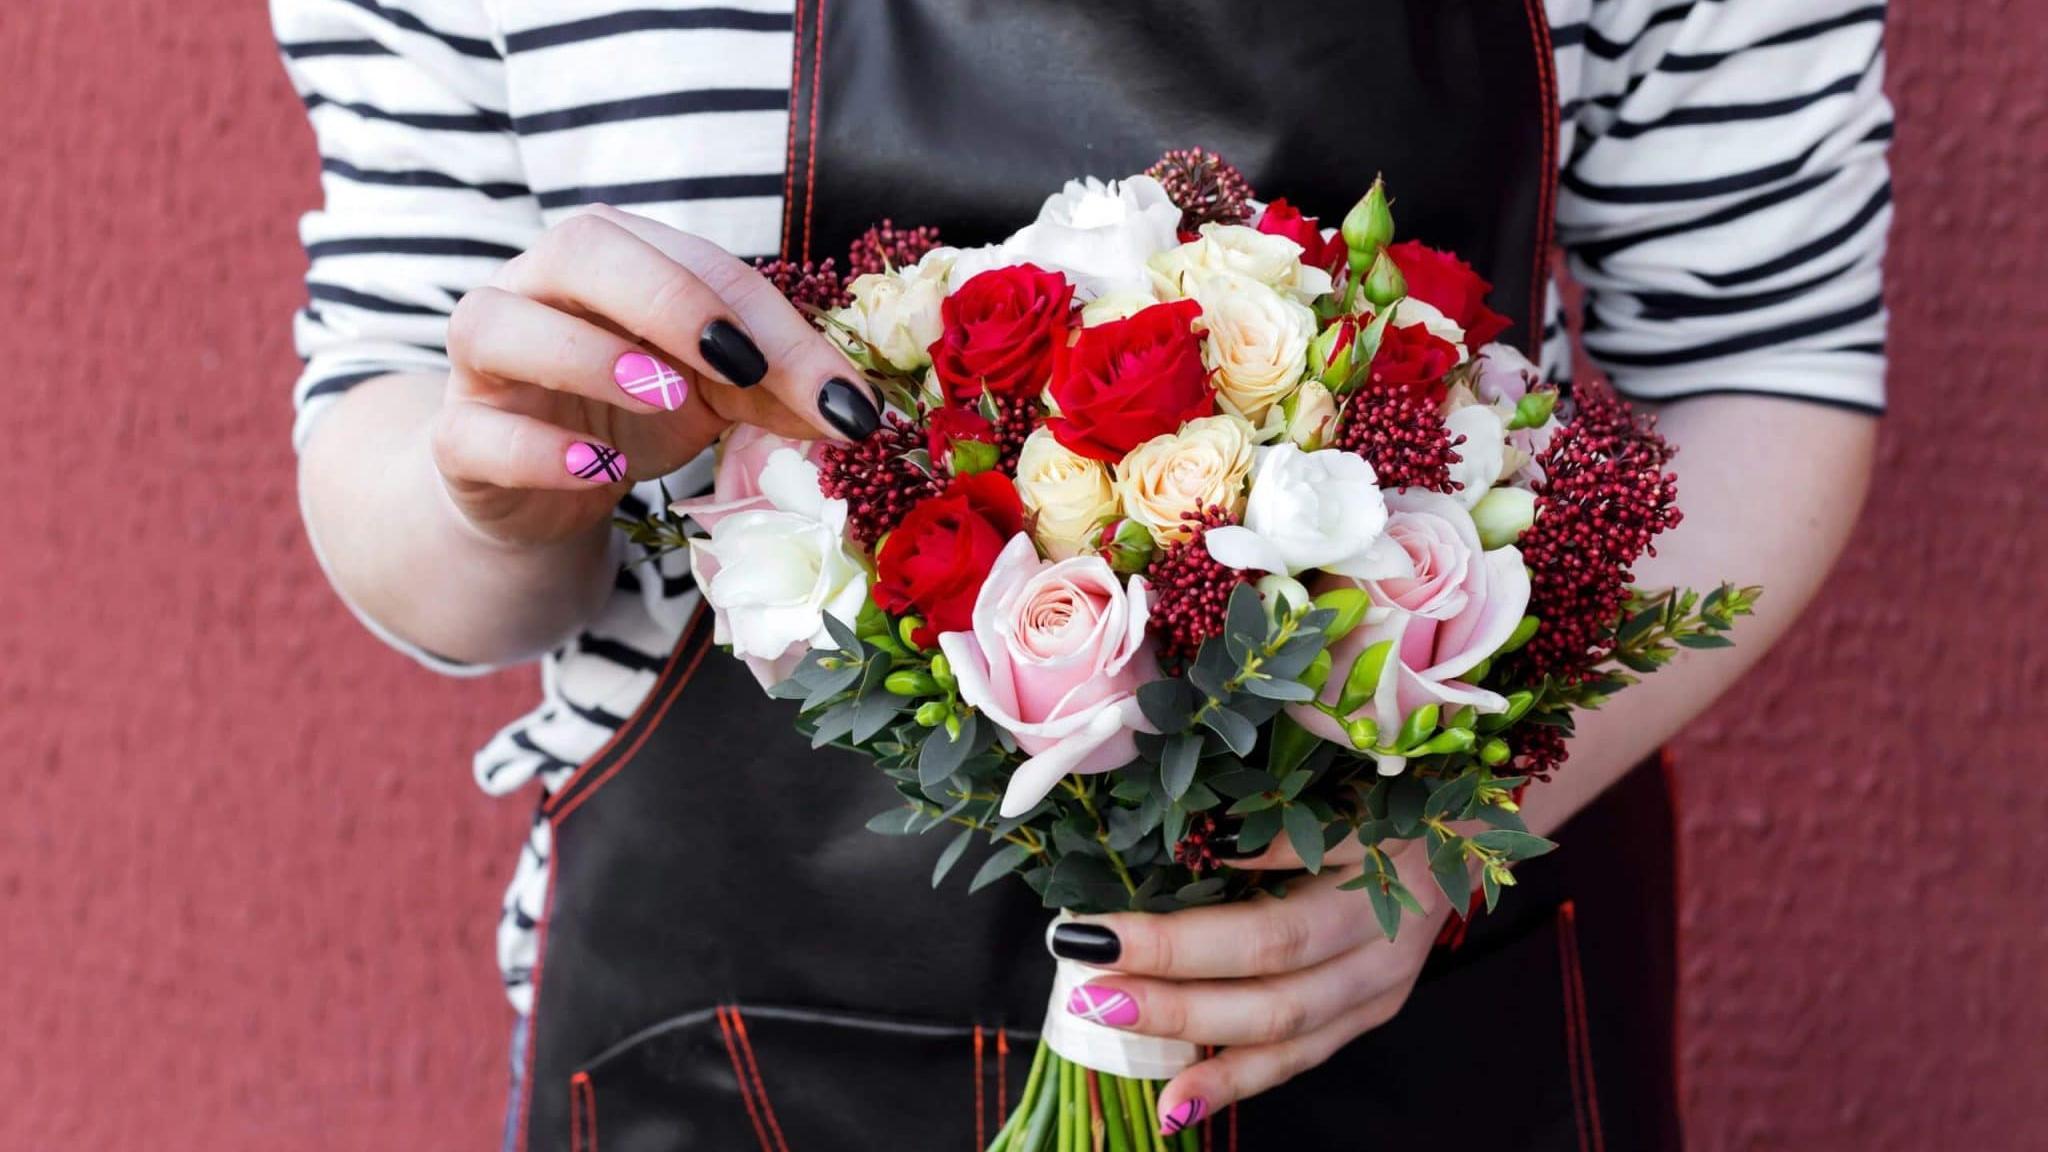 Мастера доставки цветов знают, что подарить в праздничный день